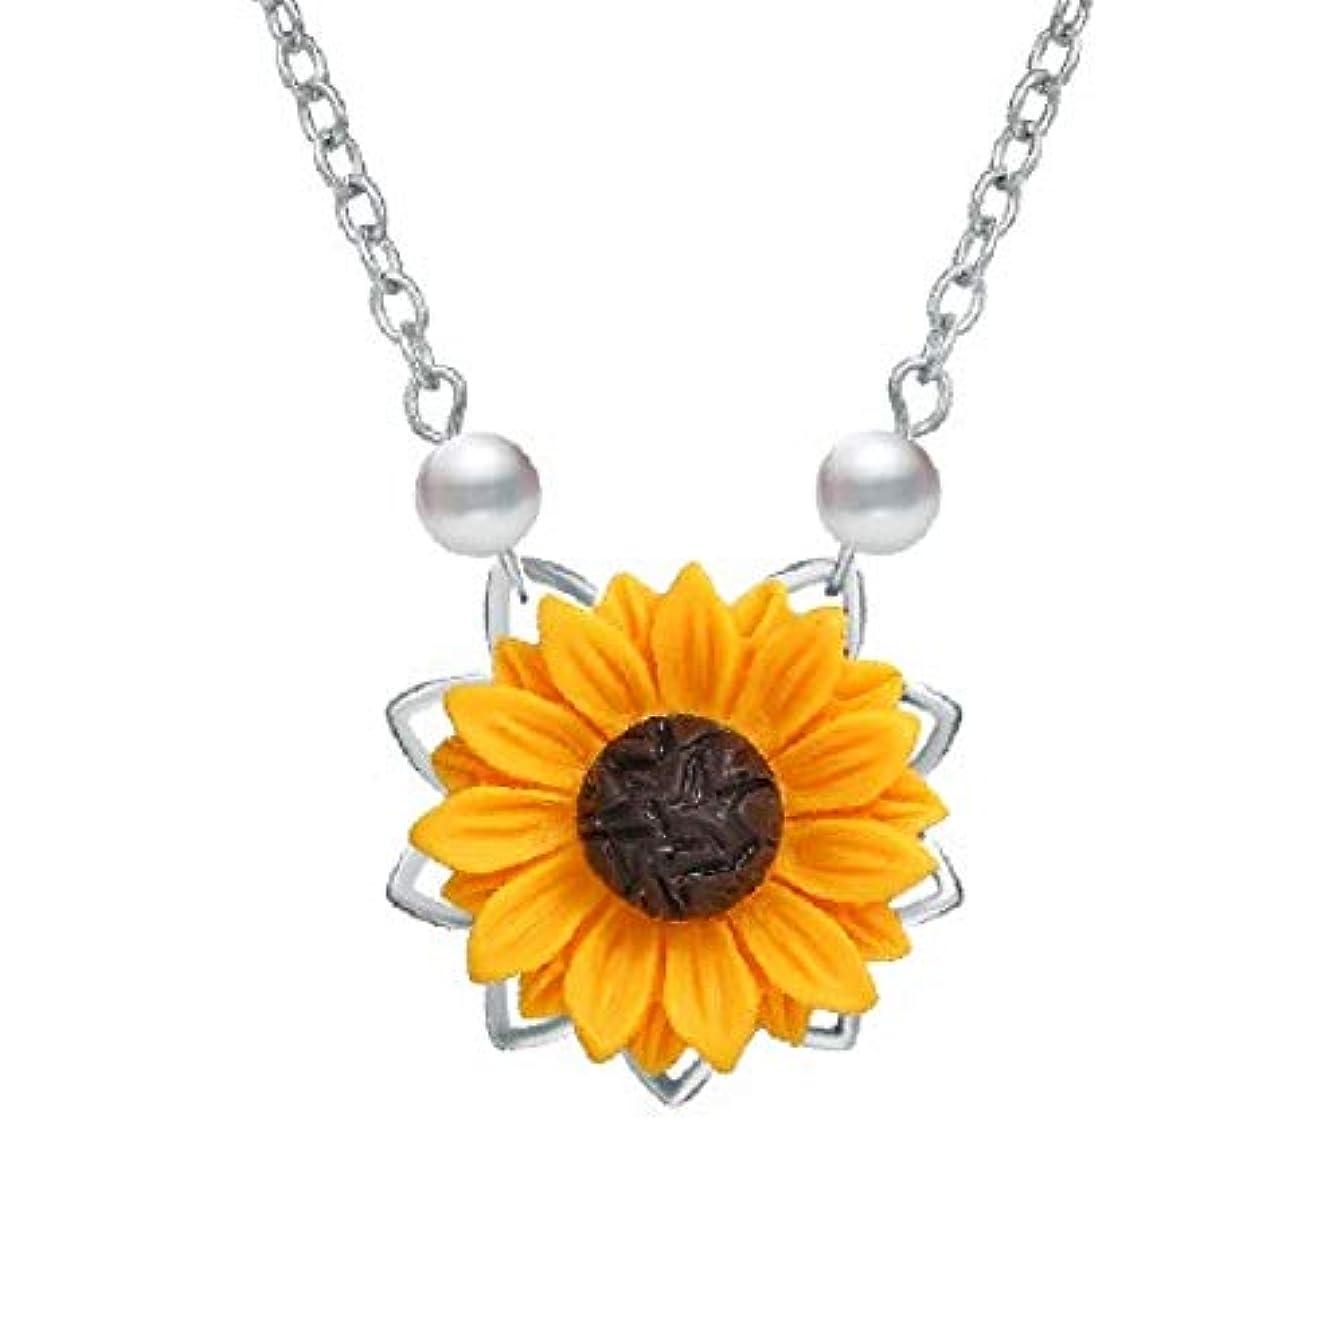 粘着性命令強打SWKOMB 模造真珠のヒマワリのネックレス女性のための服のアクセサリー日の花のペンダントネックレスウェディングジュエリー